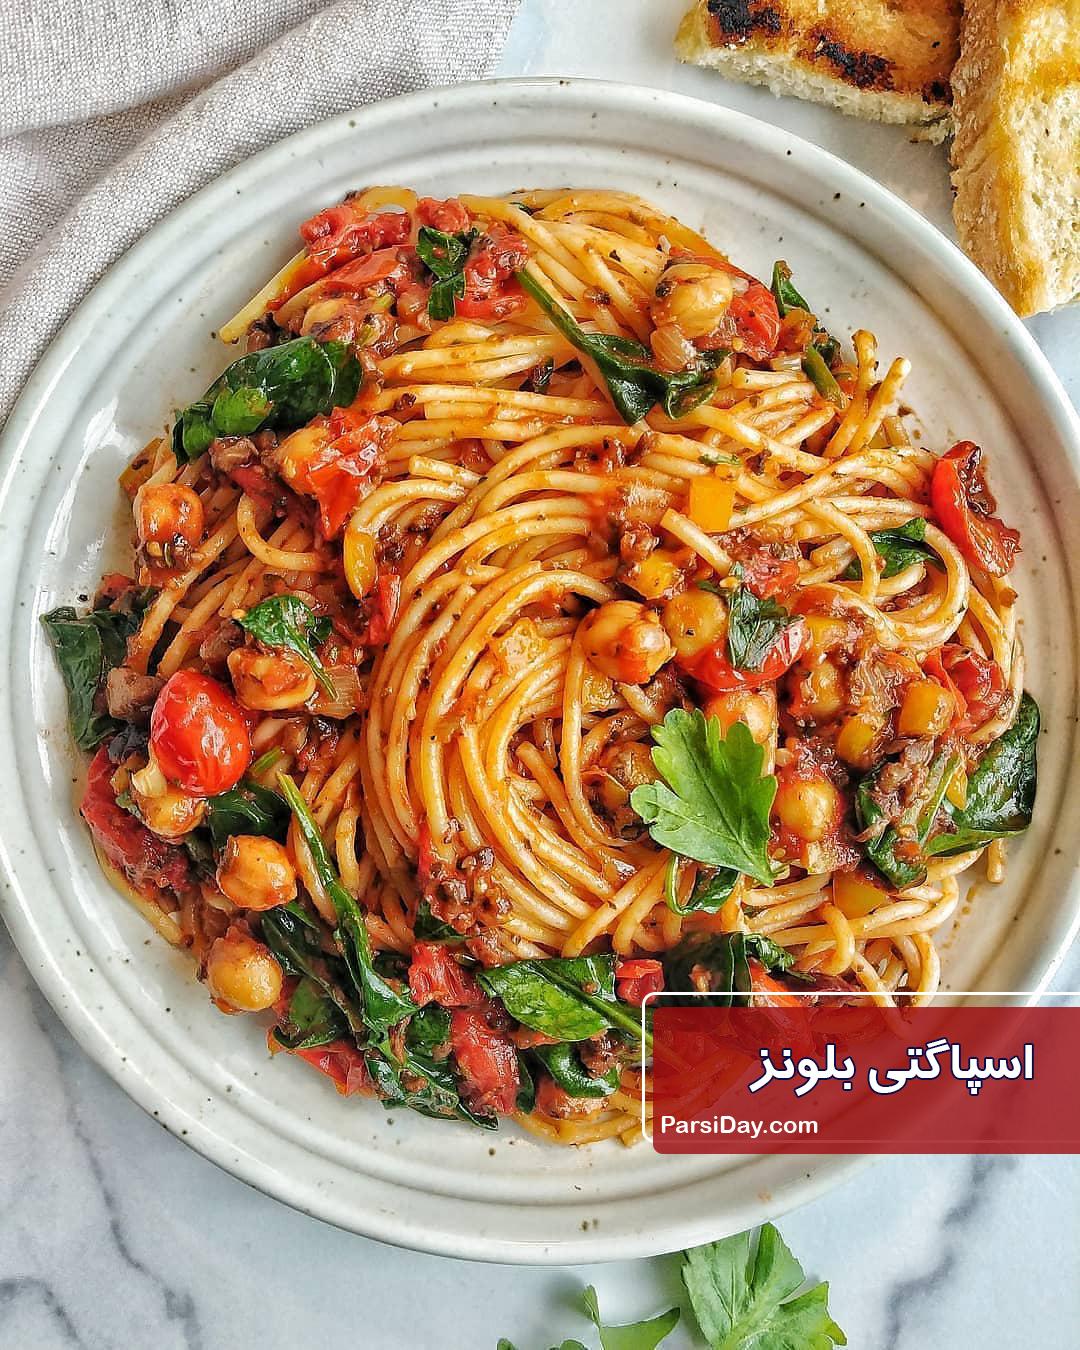 طرز تهیه اسپاگتی بلونز ایتالیایی بسیار خوشمزه با گوشت چرخ کرده